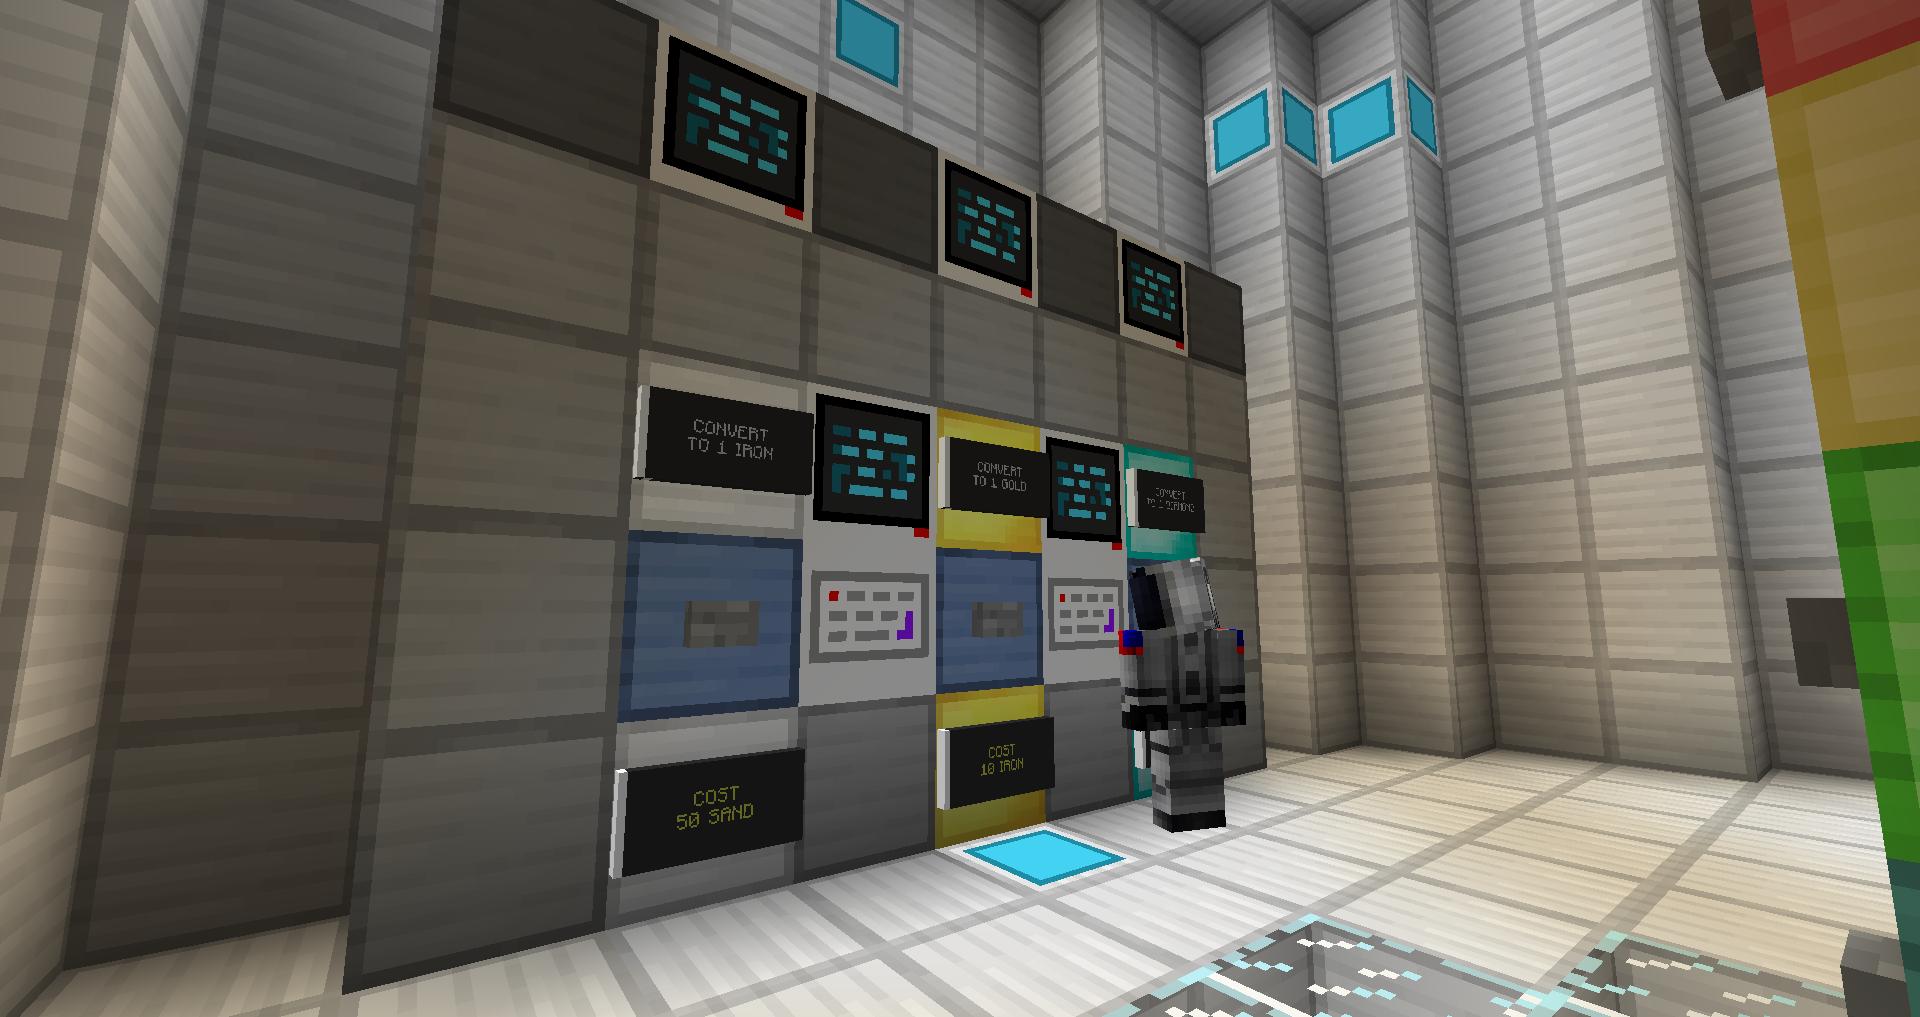 minecraft-map-aventure-survie-e4r7h-vaisseau-interieur